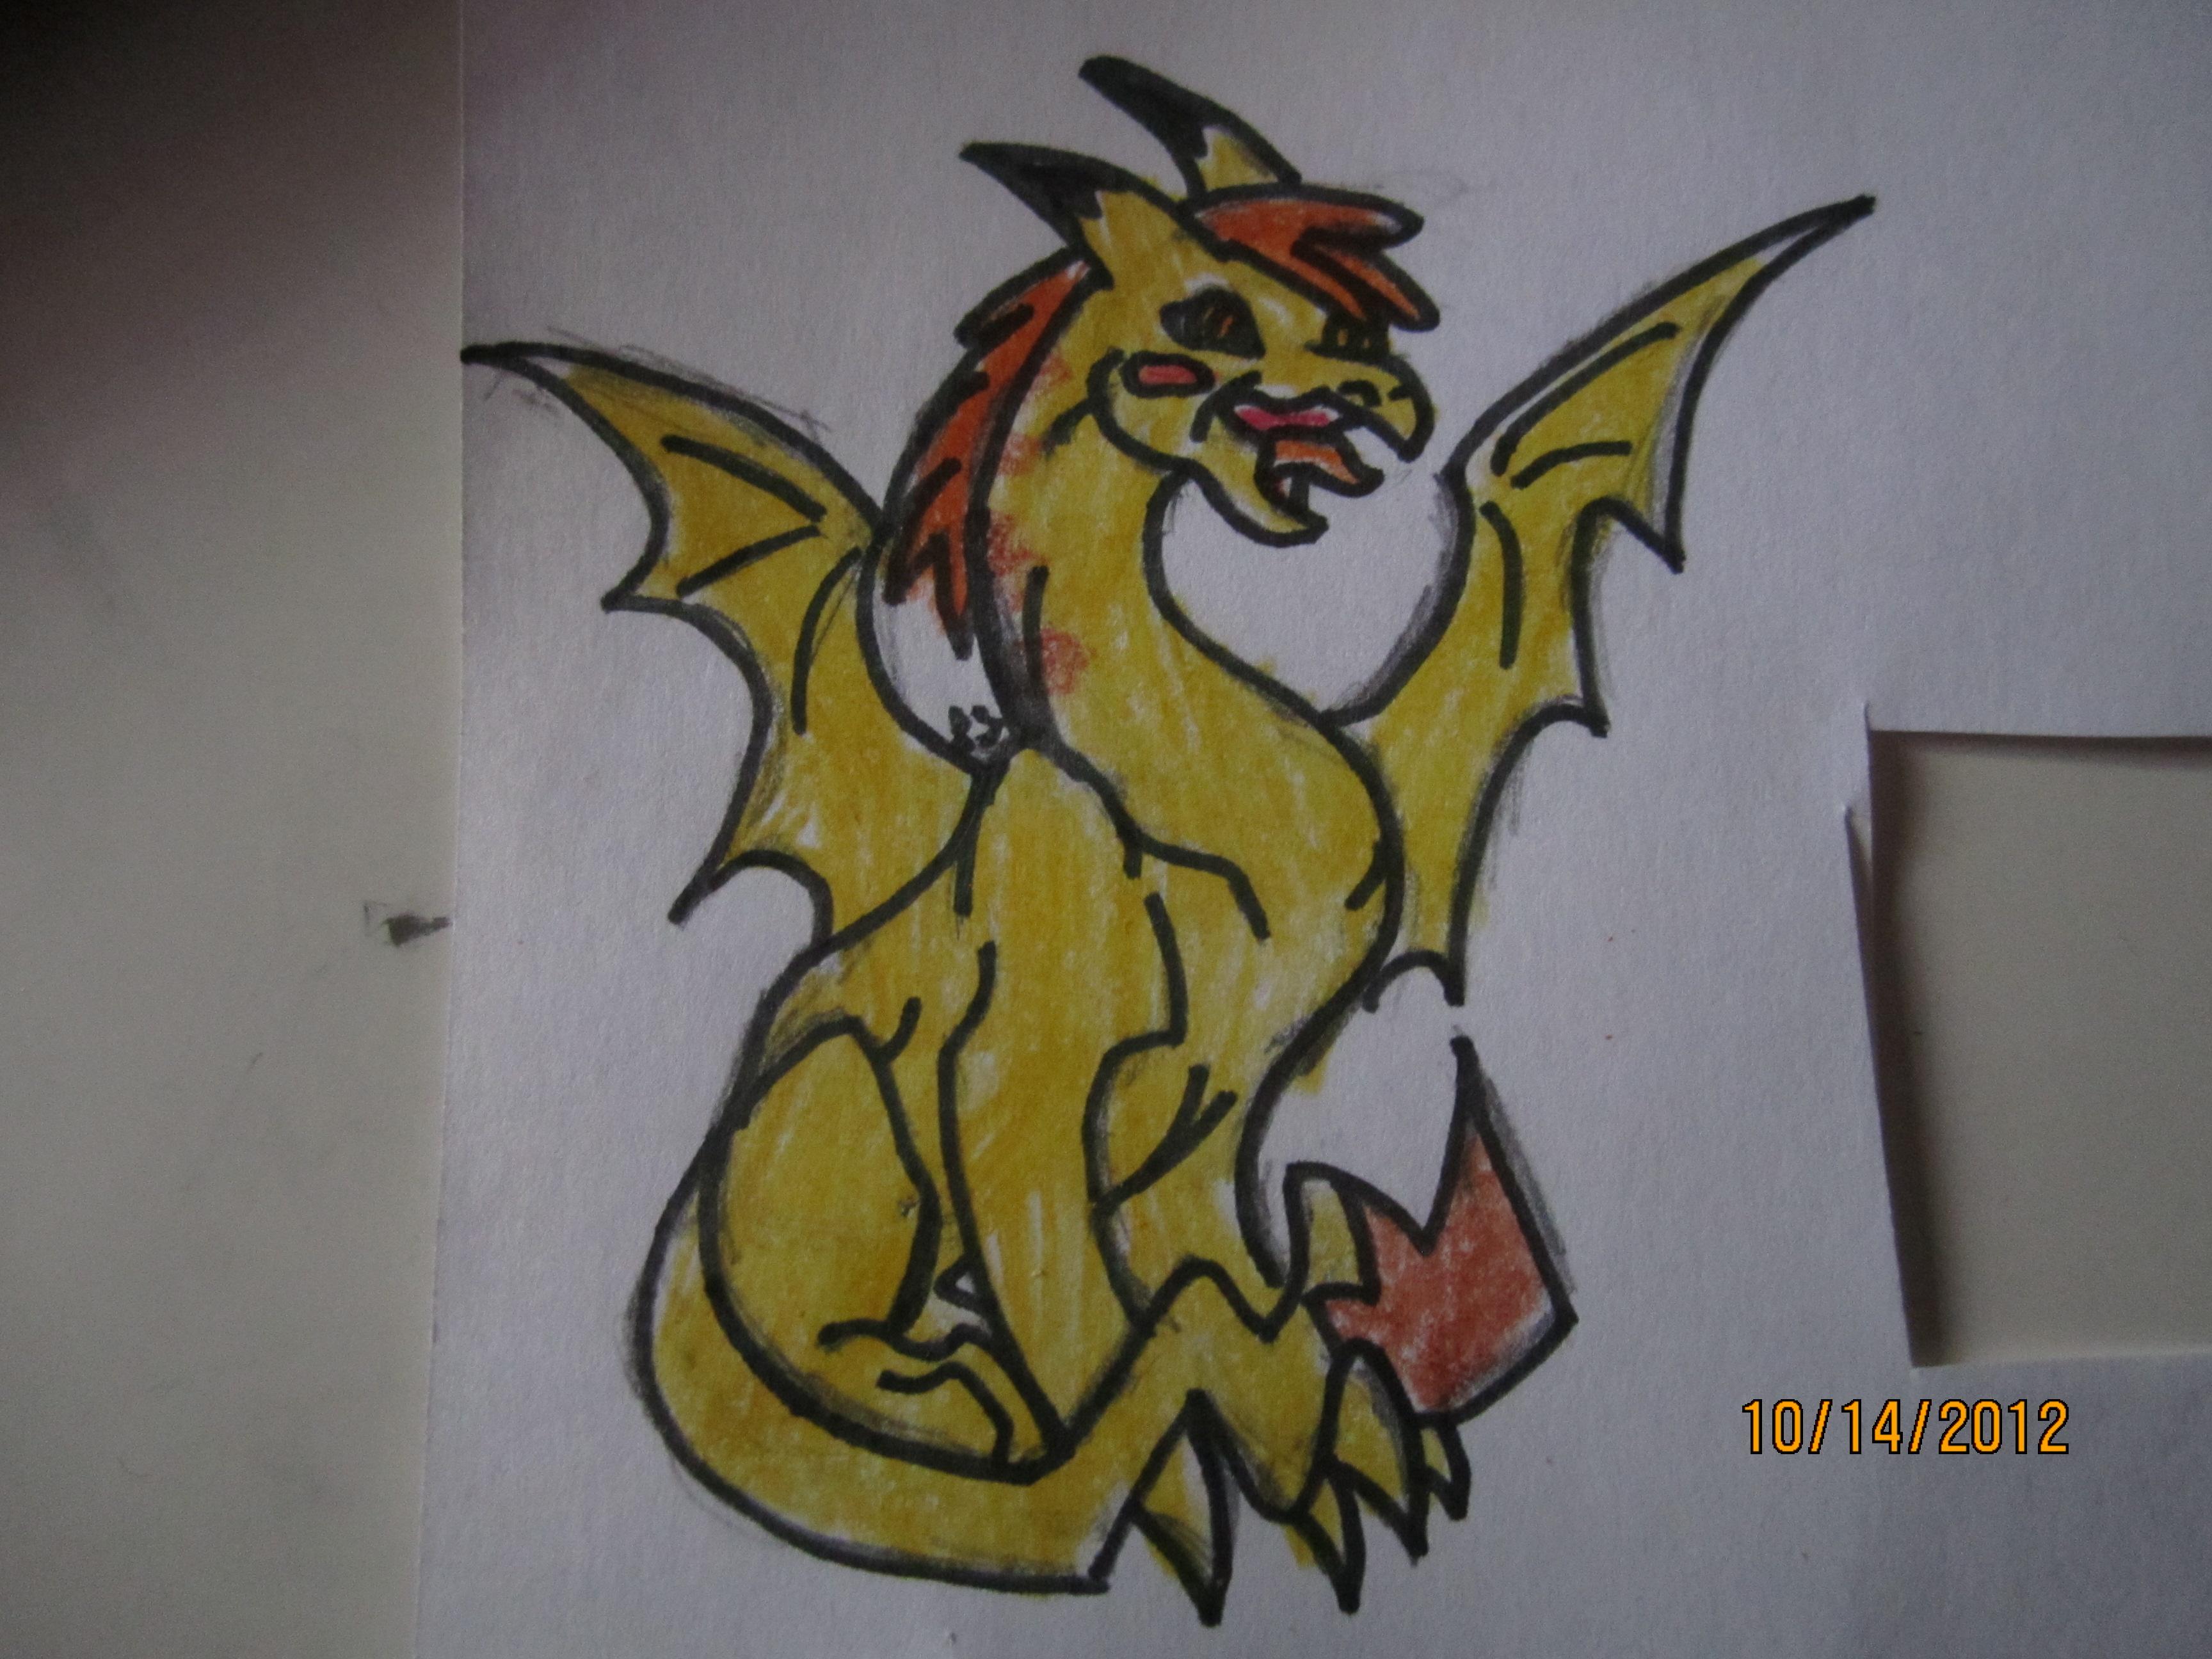 Drawn pikachu dragon Please Dragon to Asian a